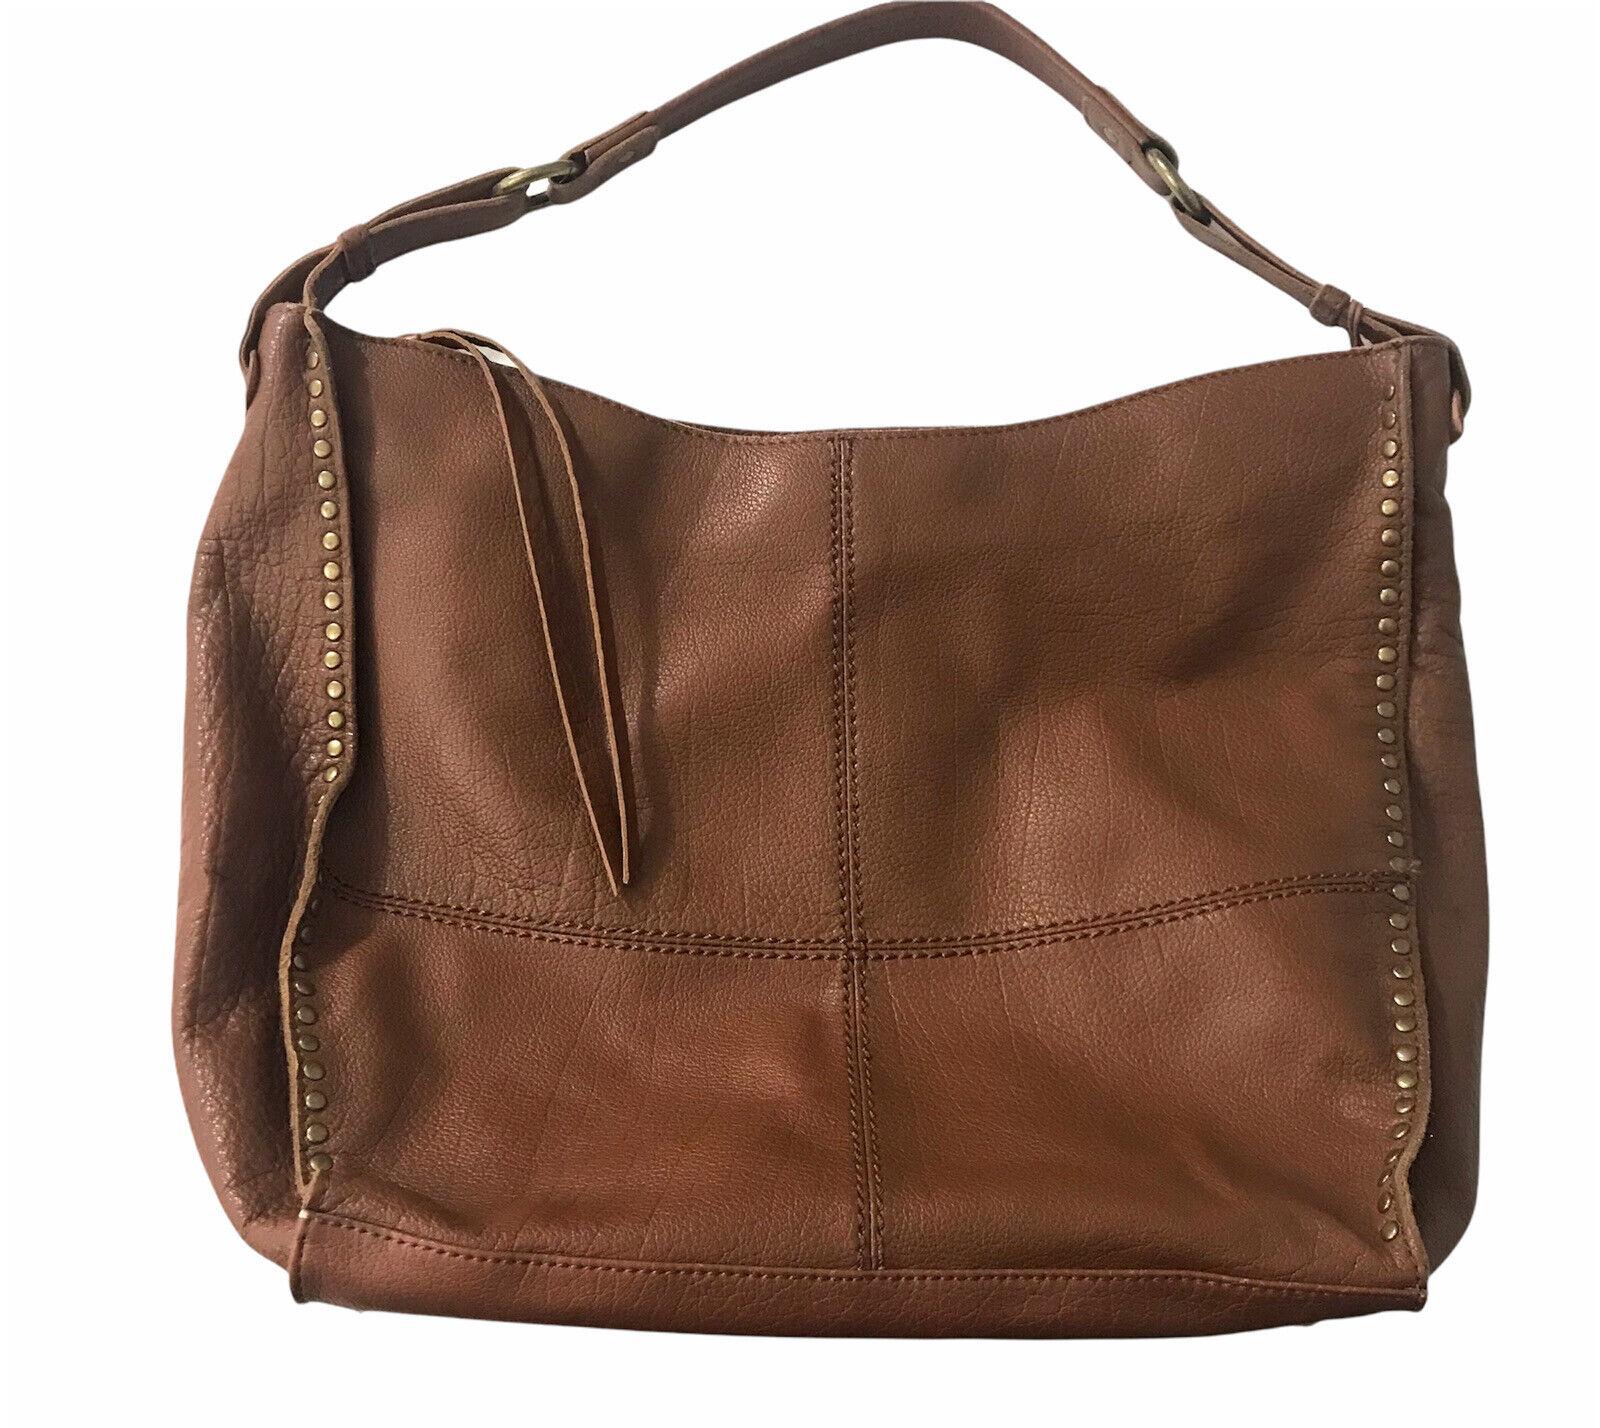 The Sak Hobo Shoulder Bag Brown Leather Studded